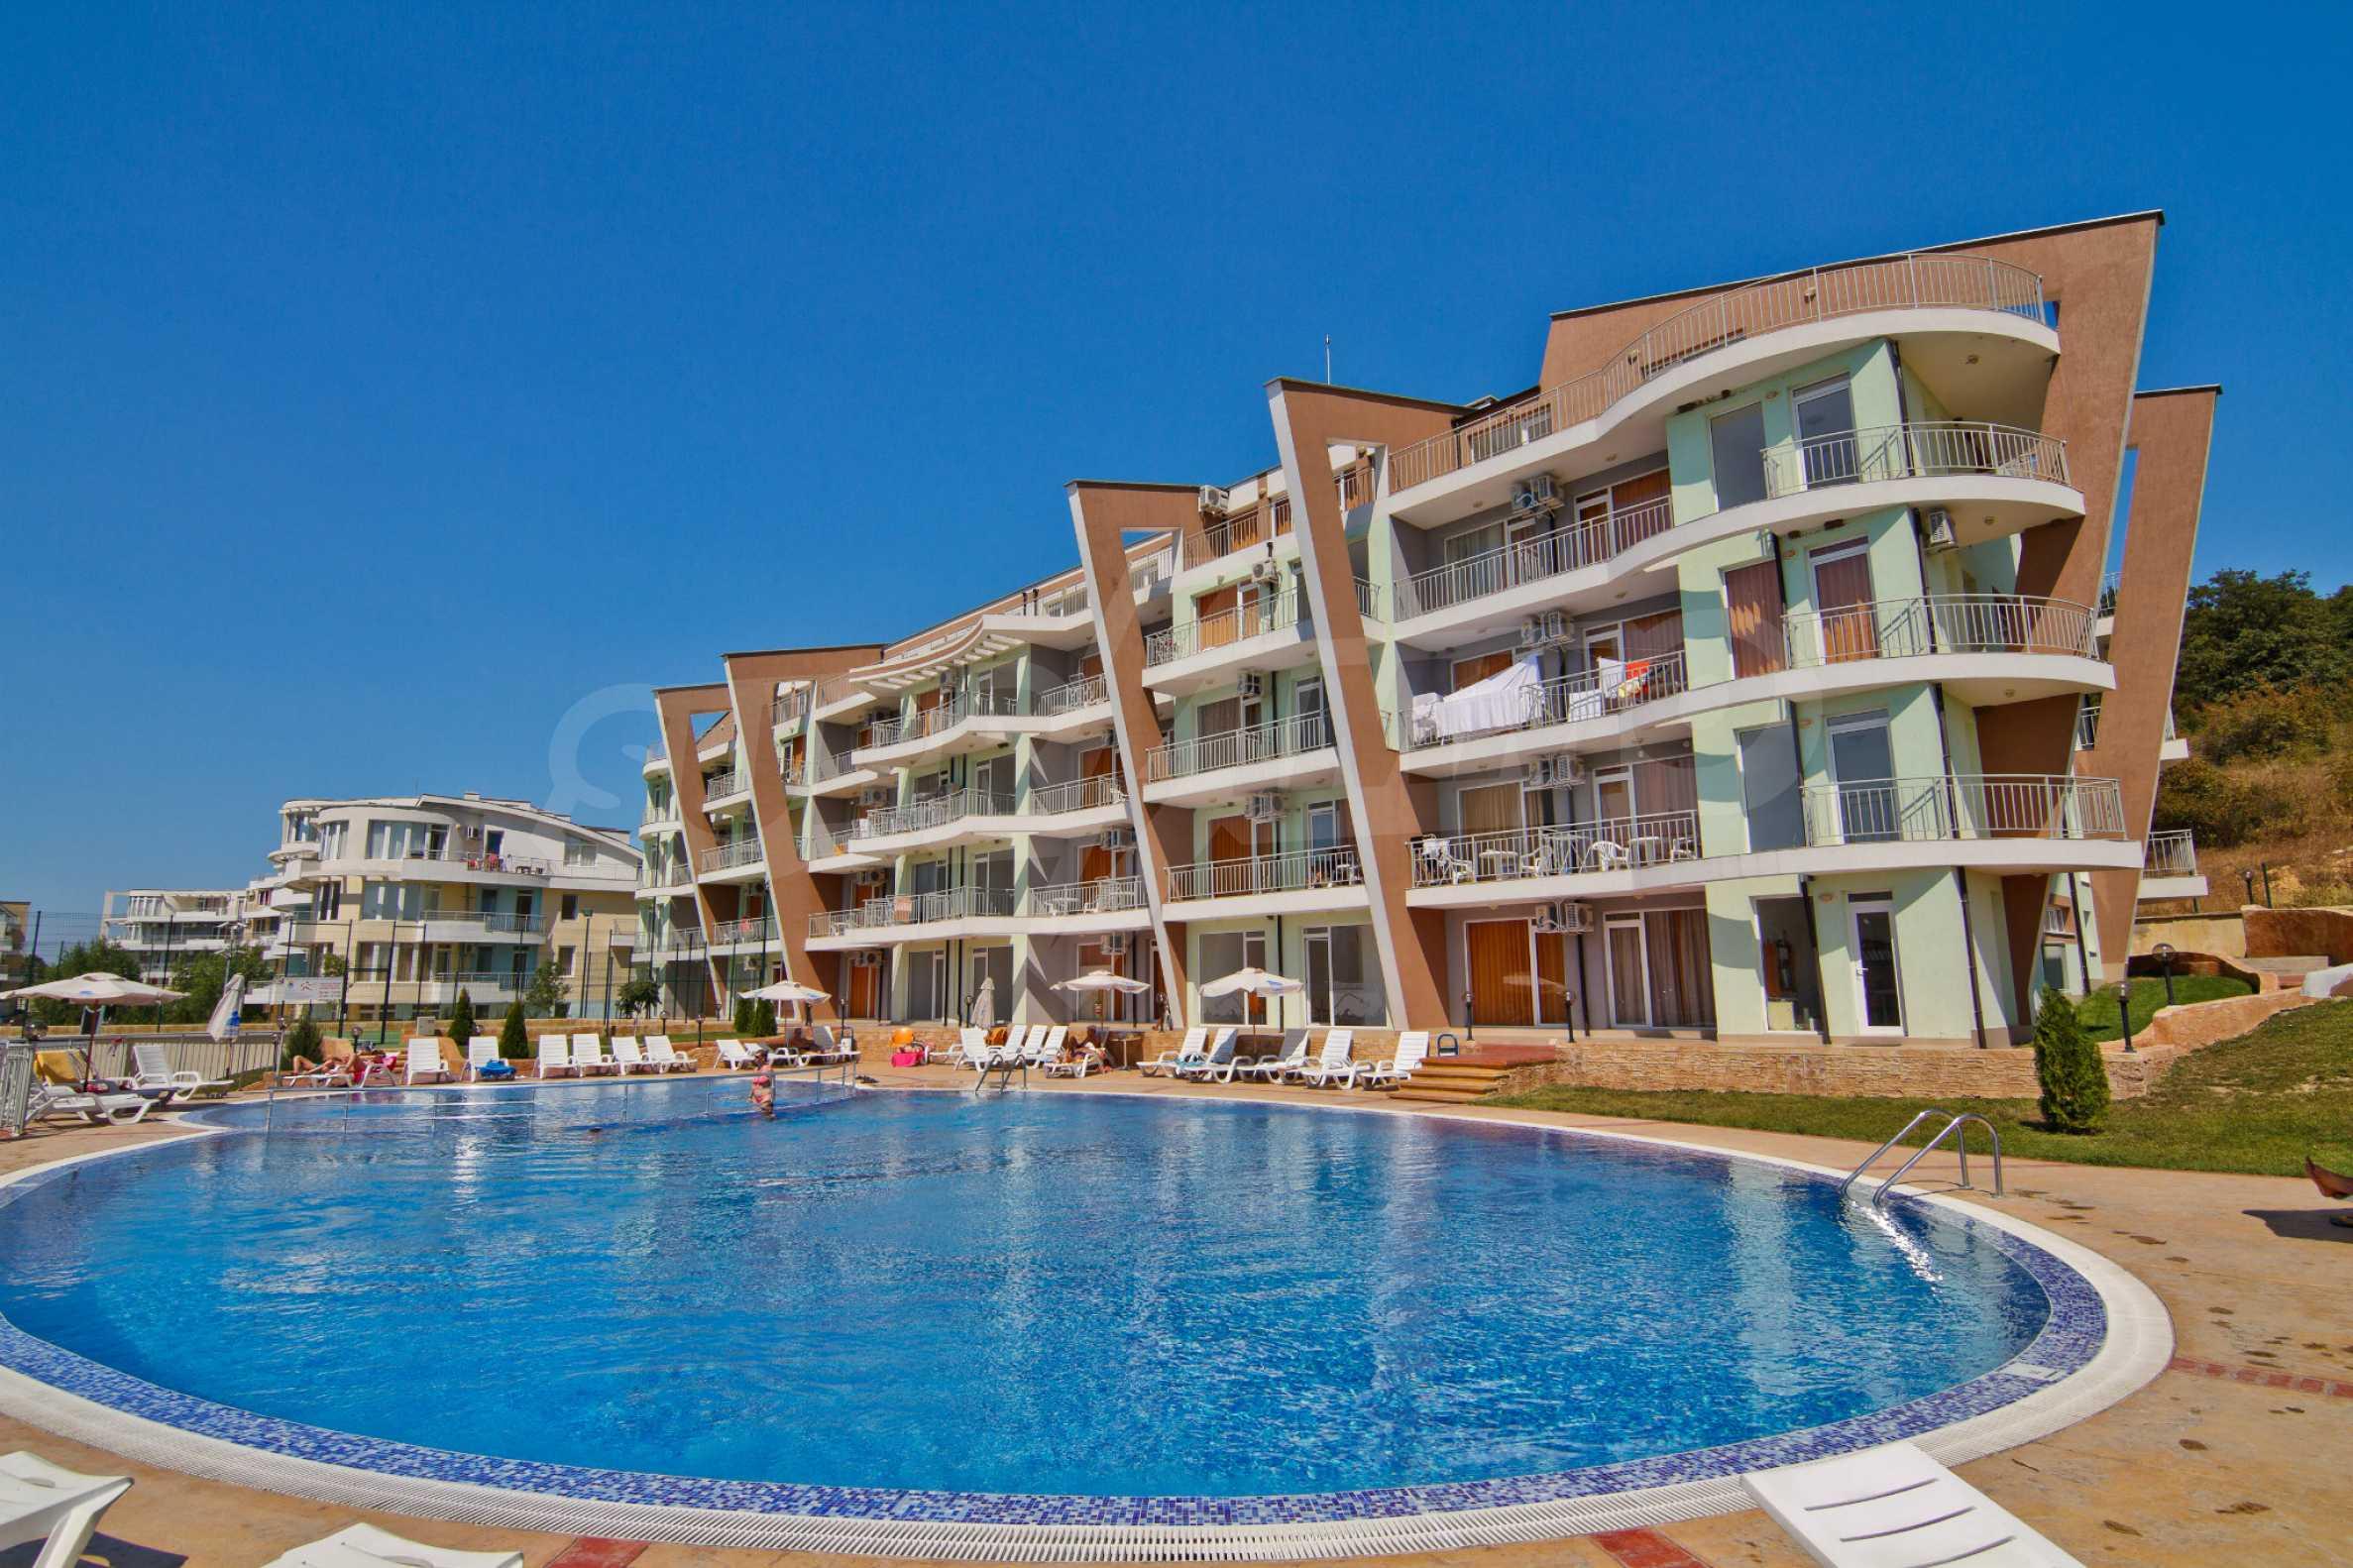 Sunset Kosharitsa - aпартаменти в атрактивен комплекс сред планината и морето, на 5 минути с кола от Слънчев бряг 2